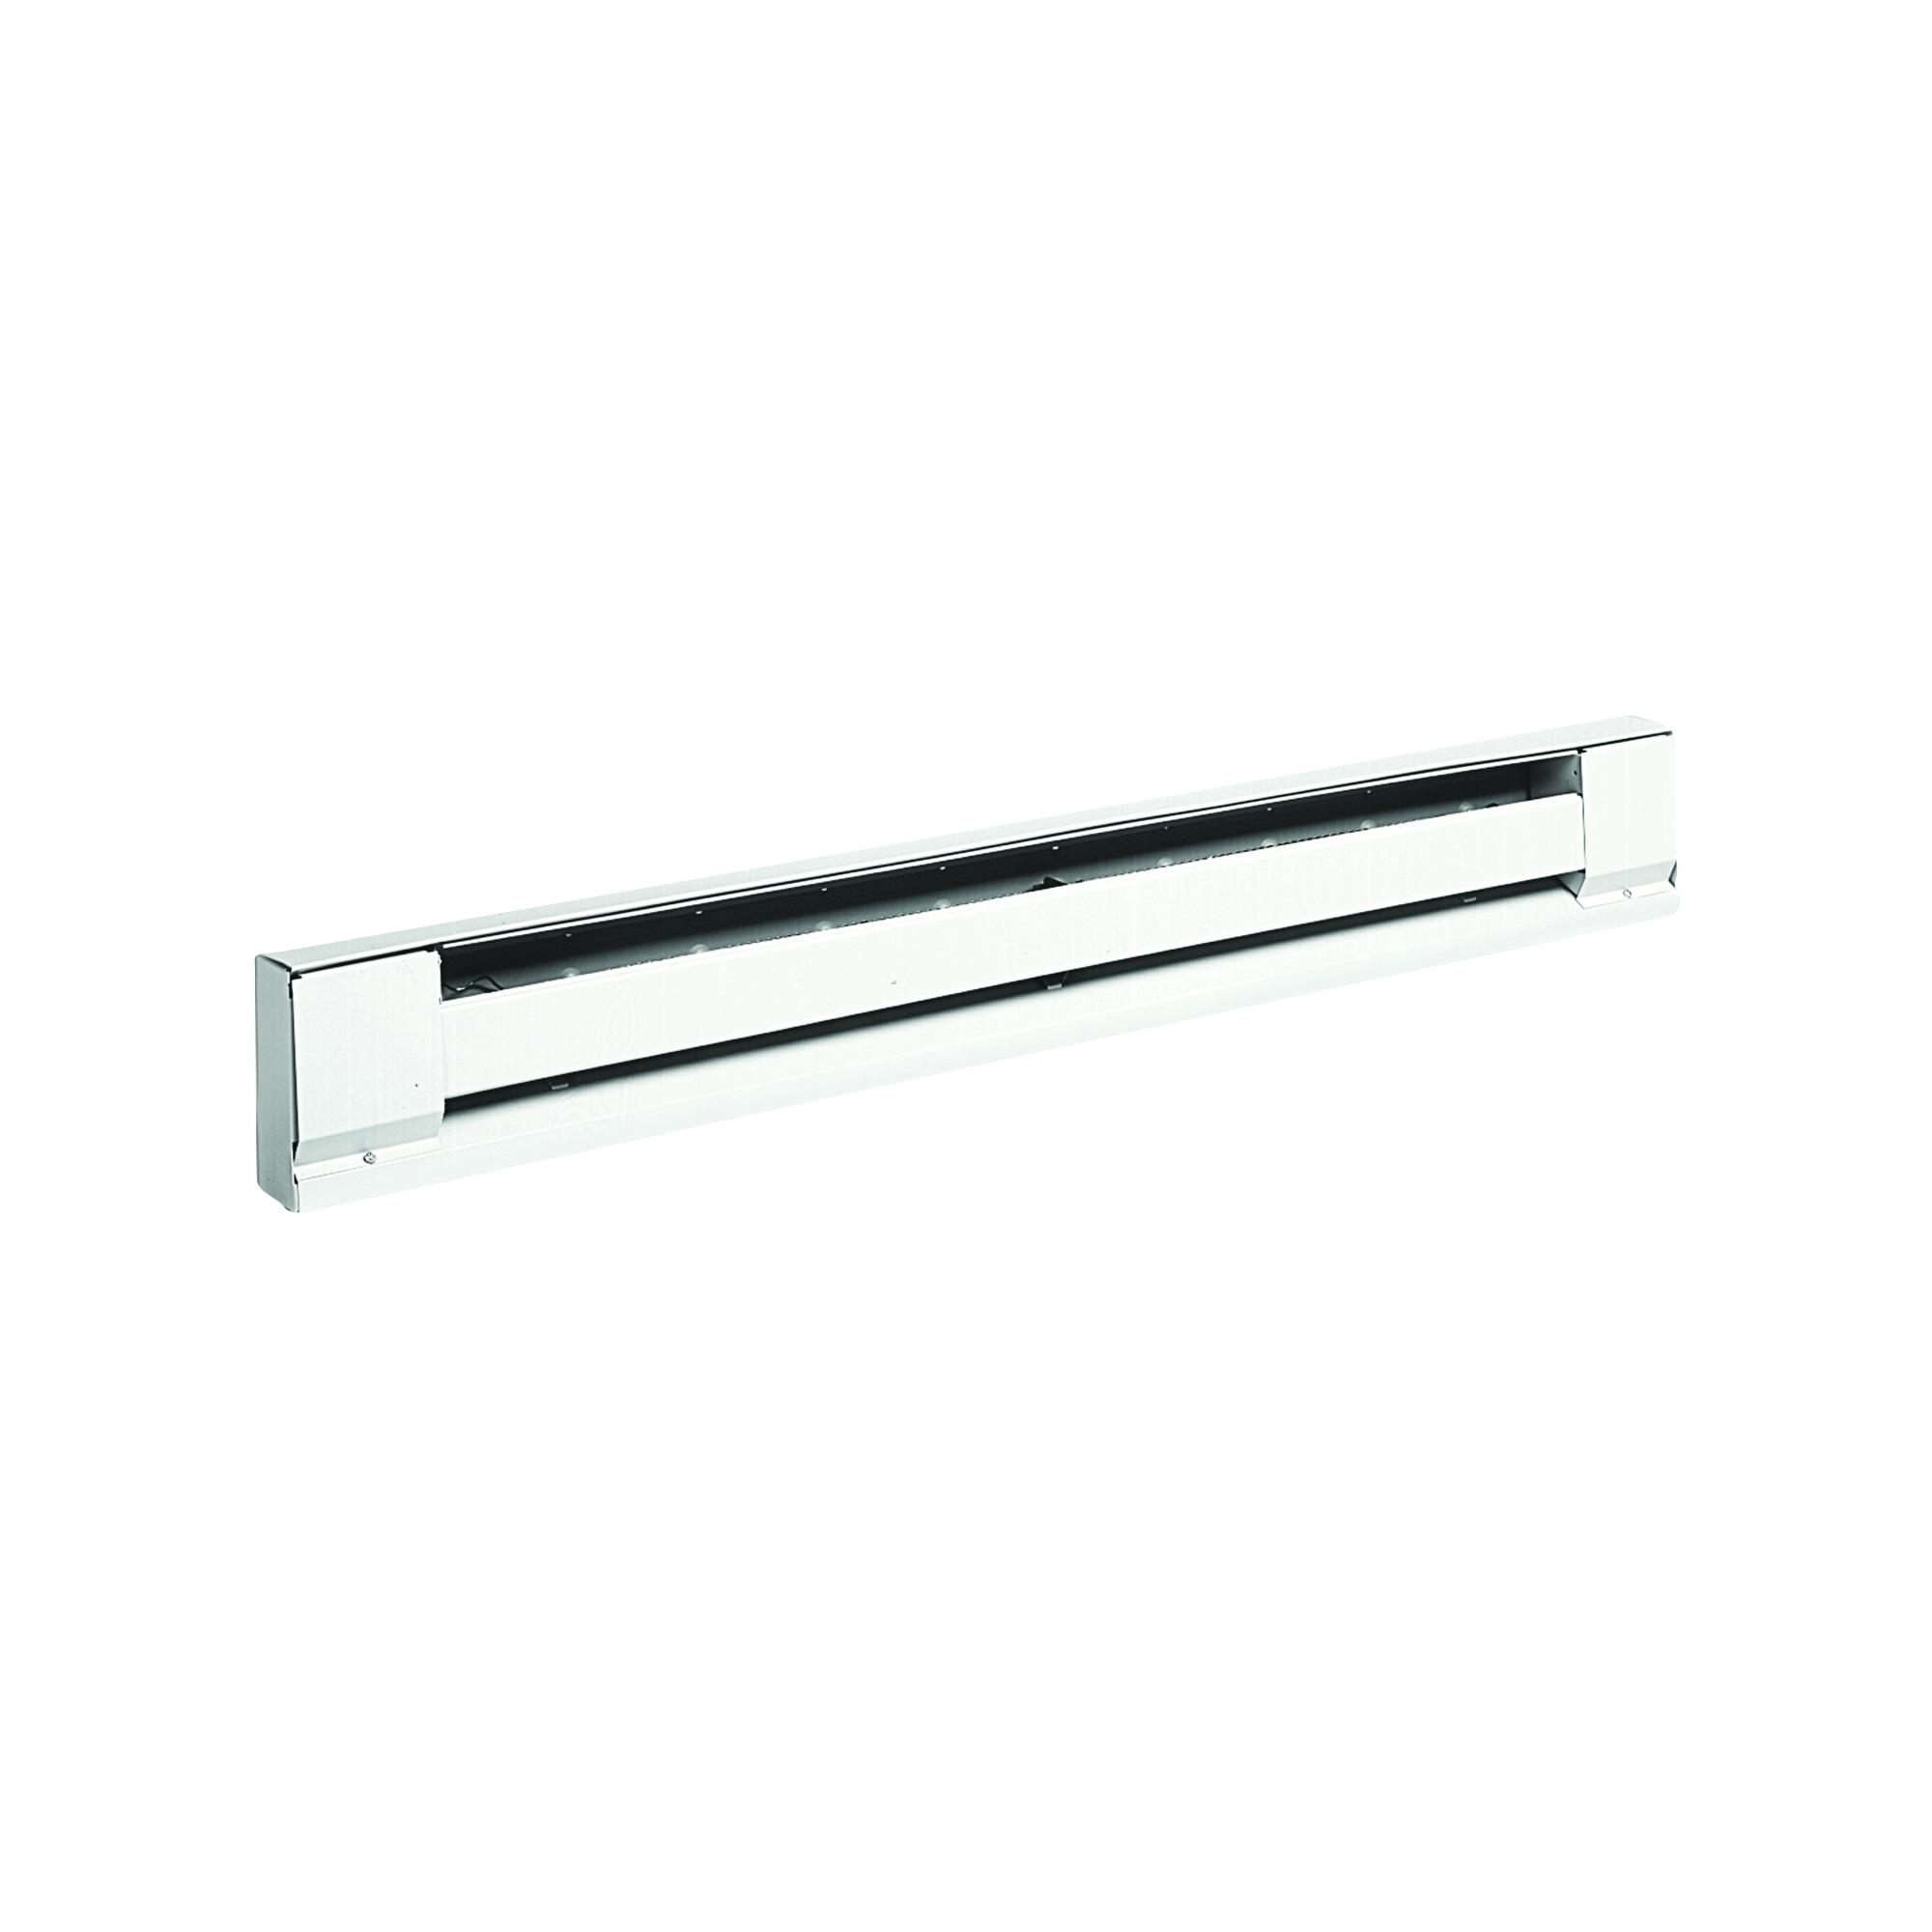 Picture of TPI 2900S Series H2905-028S Baseboard Heater, 2.1/1.8 A, 208/240 V, 1706/1275 Btu/hr BTU, Ivory